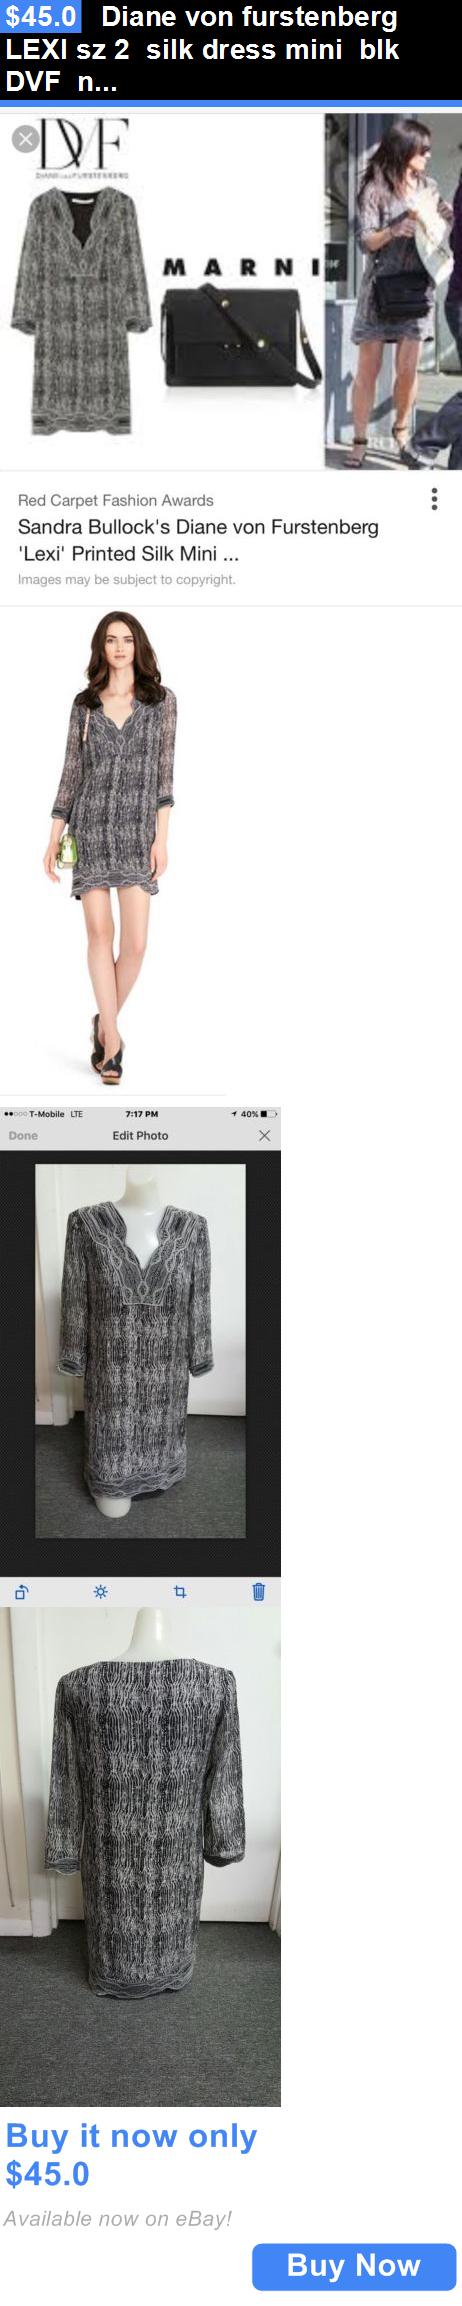 Celebrity Dresses: Diane Von Furstenberg Lexi Sz 2 Silk Dress Mini Blk Dvf New W/O Tag Celebrity BUY IT NOW ONLY: $45.0